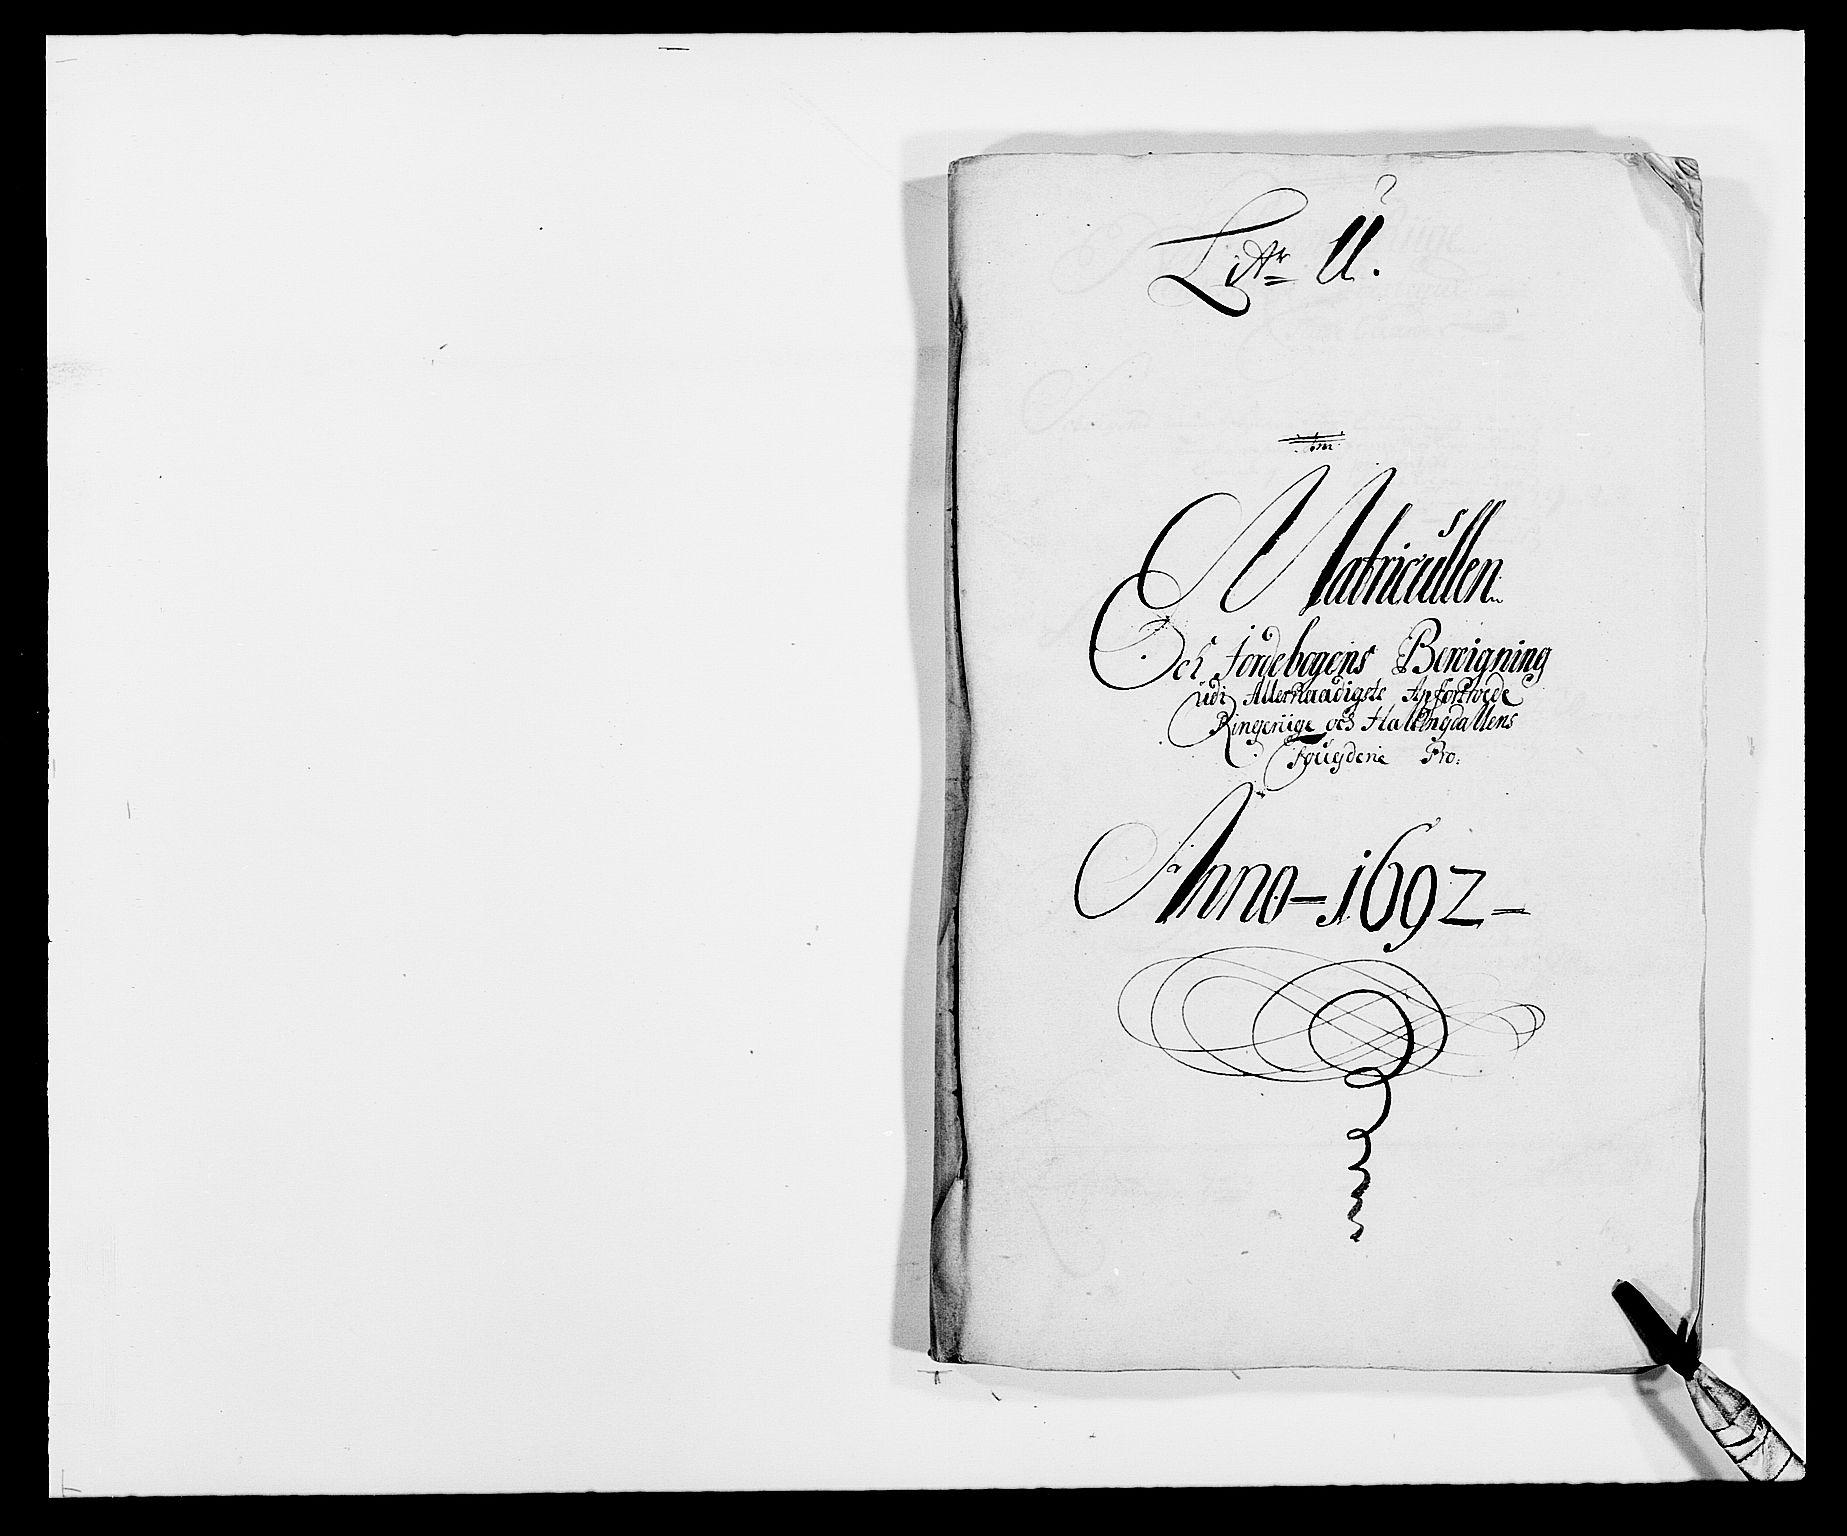 RA, Rentekammeret inntil 1814, Reviderte regnskaper, Fogderegnskap, R21/L1449: Fogderegnskap Ringerike og Hallingdal, 1690-1692, s. 12